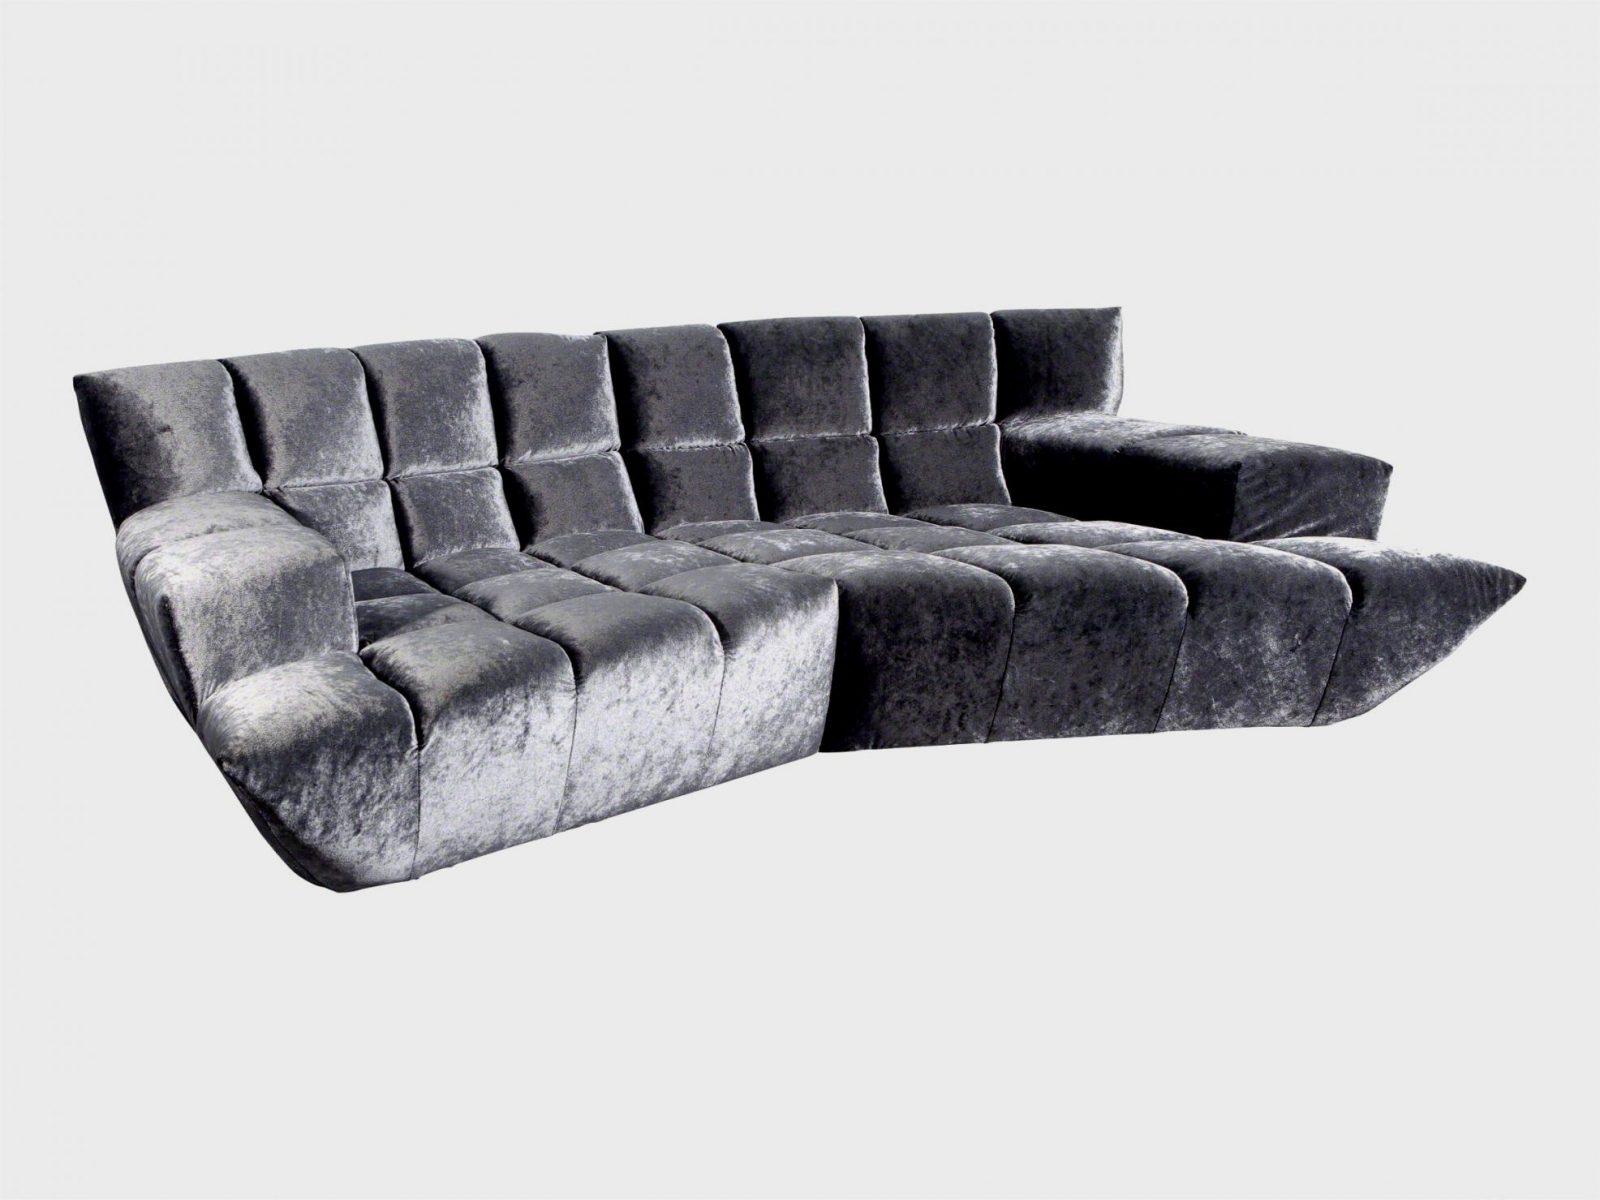 Beste Couch Auf Rechnung Bestellen Sofa Inspirational Mbel Raten von Couch Auf Raten Als Neukunde Photo